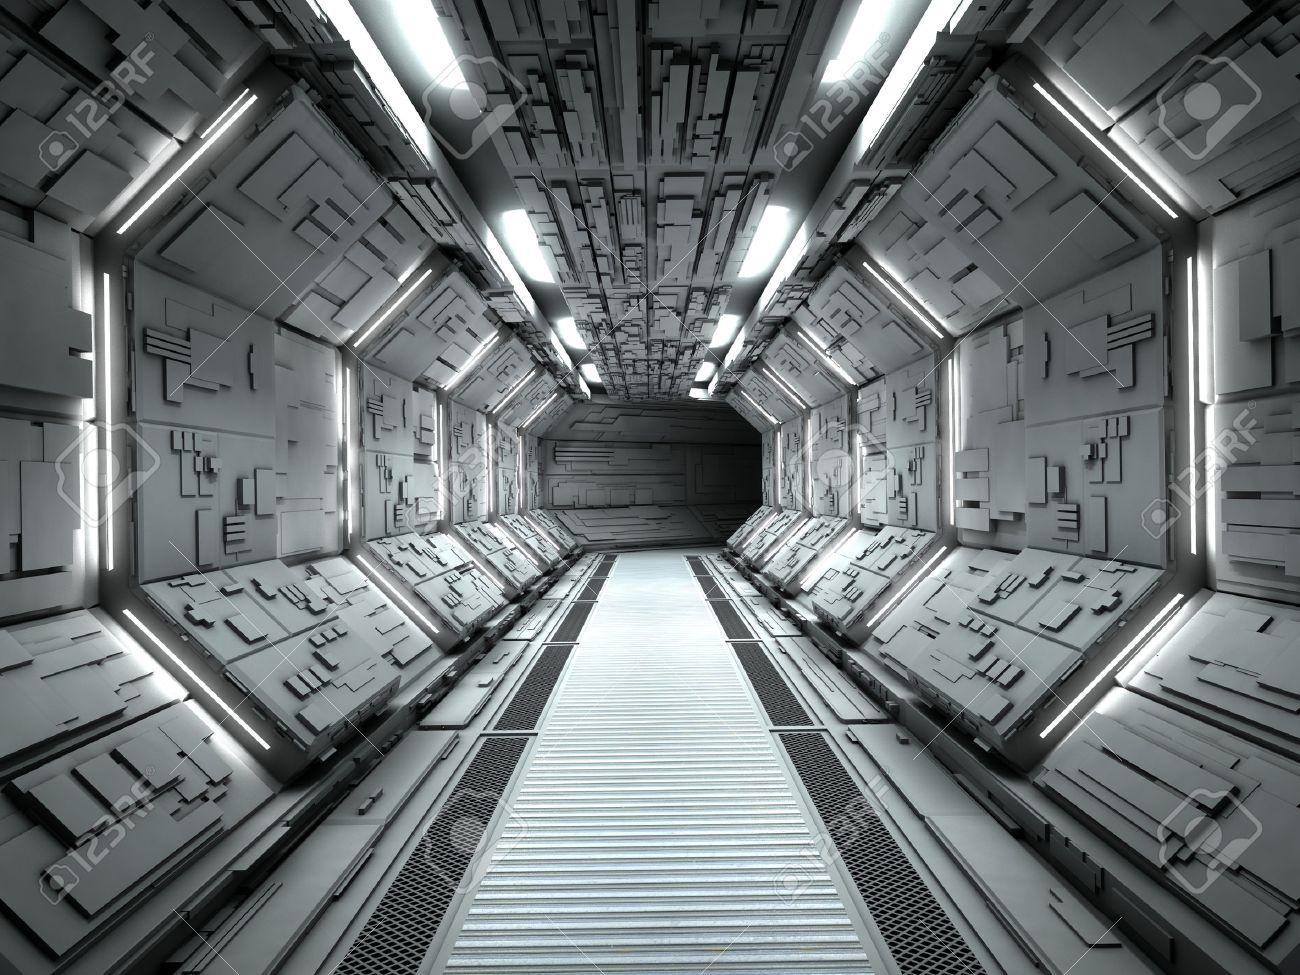 Futuristic spaceship interior 3d rendering - 54875085